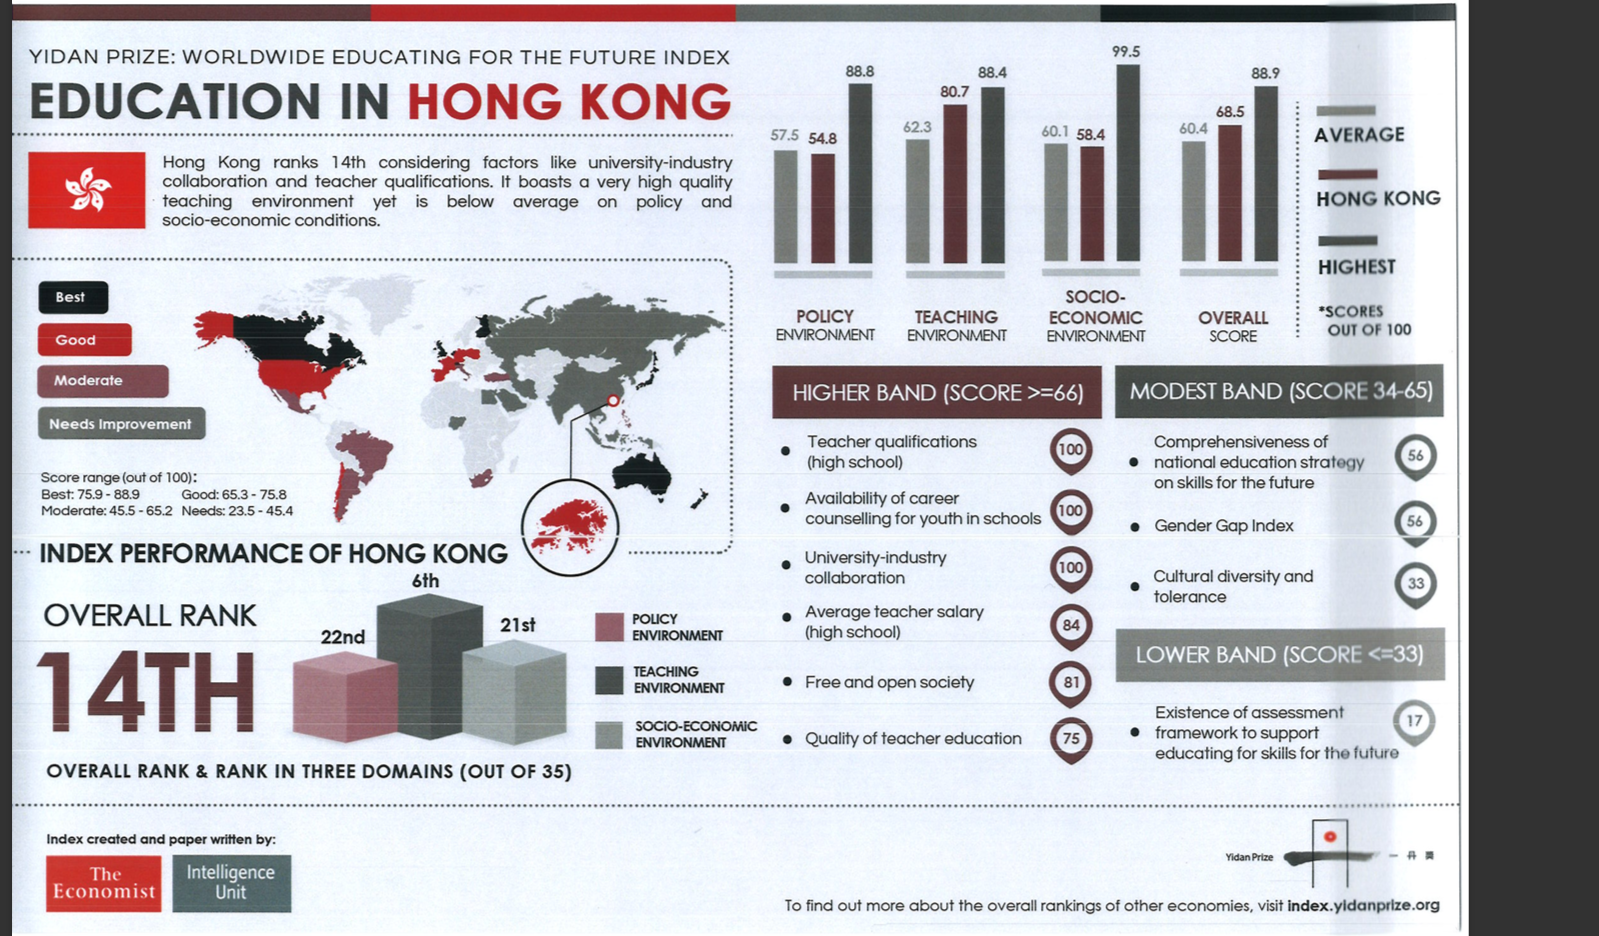 報名指出,香港的師資優良,教學環境優勝於其他亞太區及高收入經濟體。惟教學政策的排名僅得第22,香港的課程缺乏全面政策培育年輕人應付未來社會所需的能力,特別是評核相關範疇的框架。(一丹獎基金會)